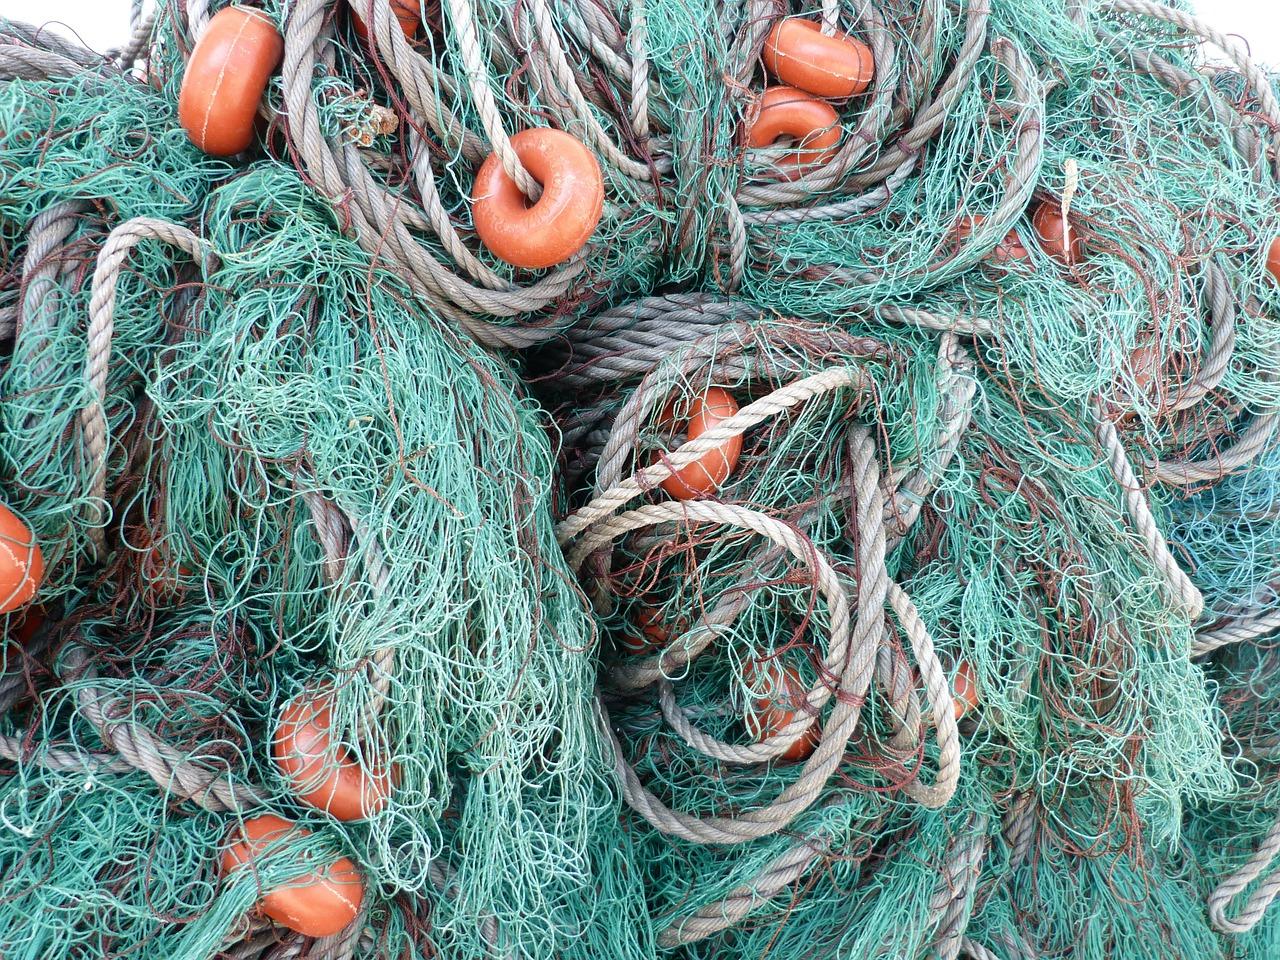 рыболовные сети их продажа. по интернету